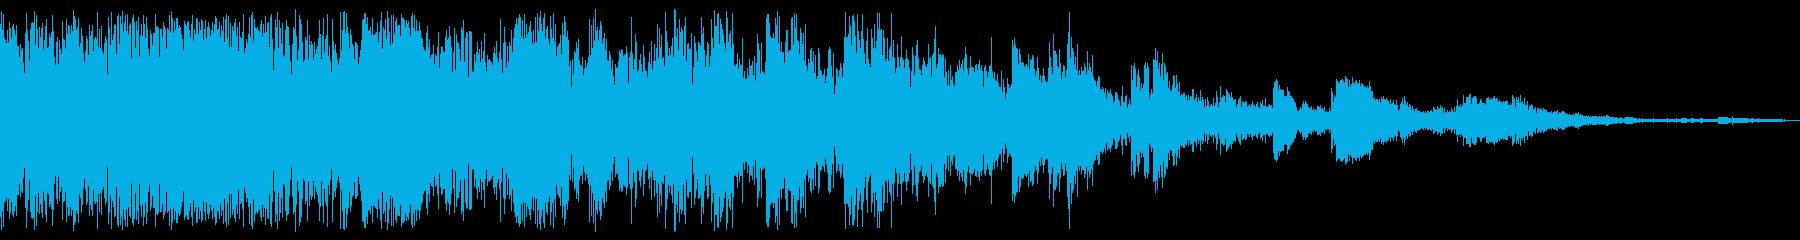 コイン(ジャラジャラ-1の再生済みの波形